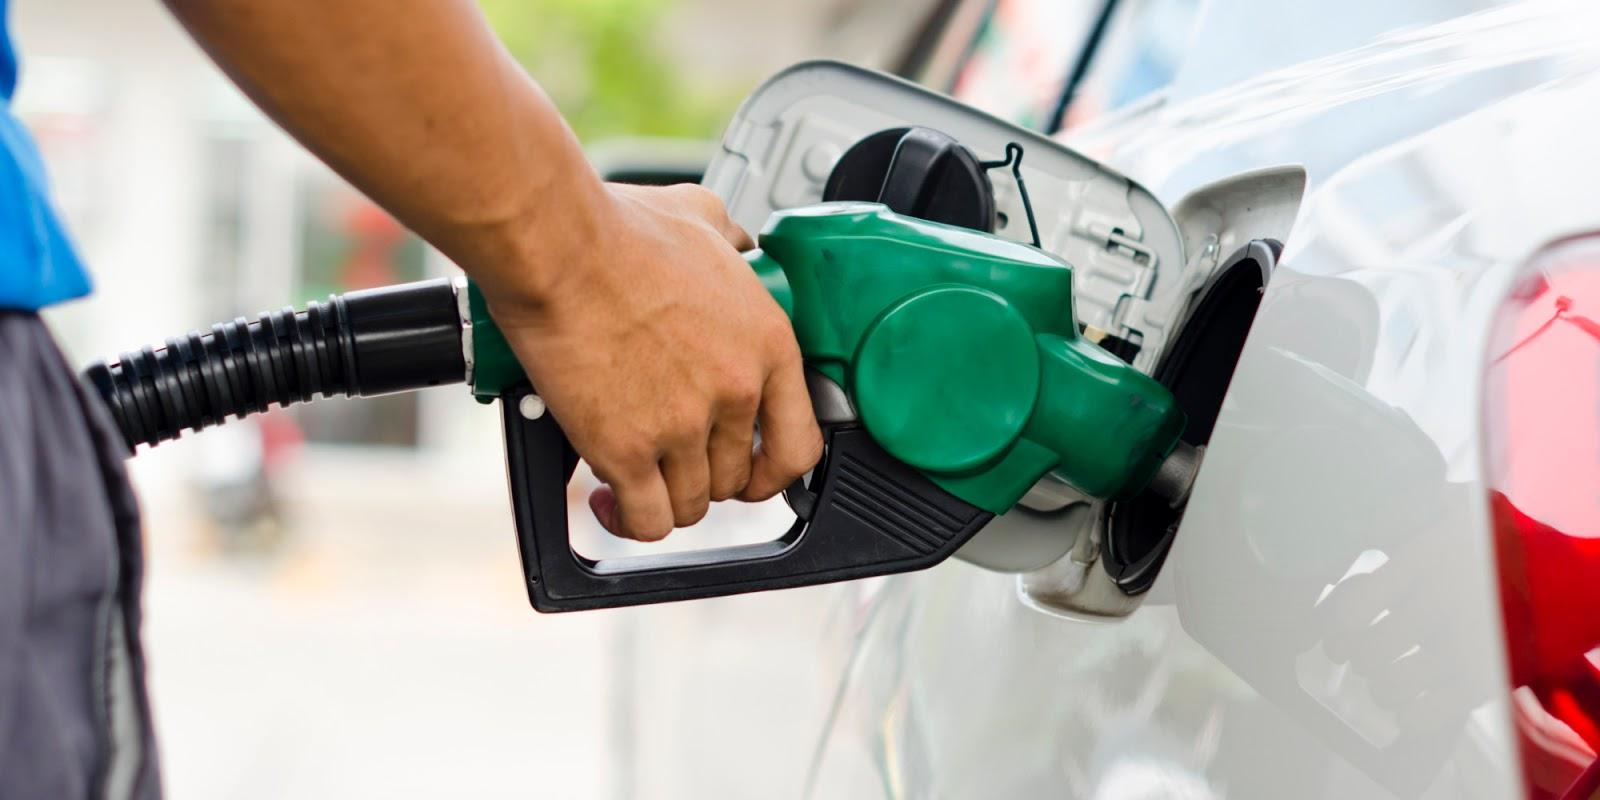 Hay condiciones que pueden aumentar el consumo de combustible en nuestro veh culo por ejemplo no realizar el afinamiento del motor a tiempo puede